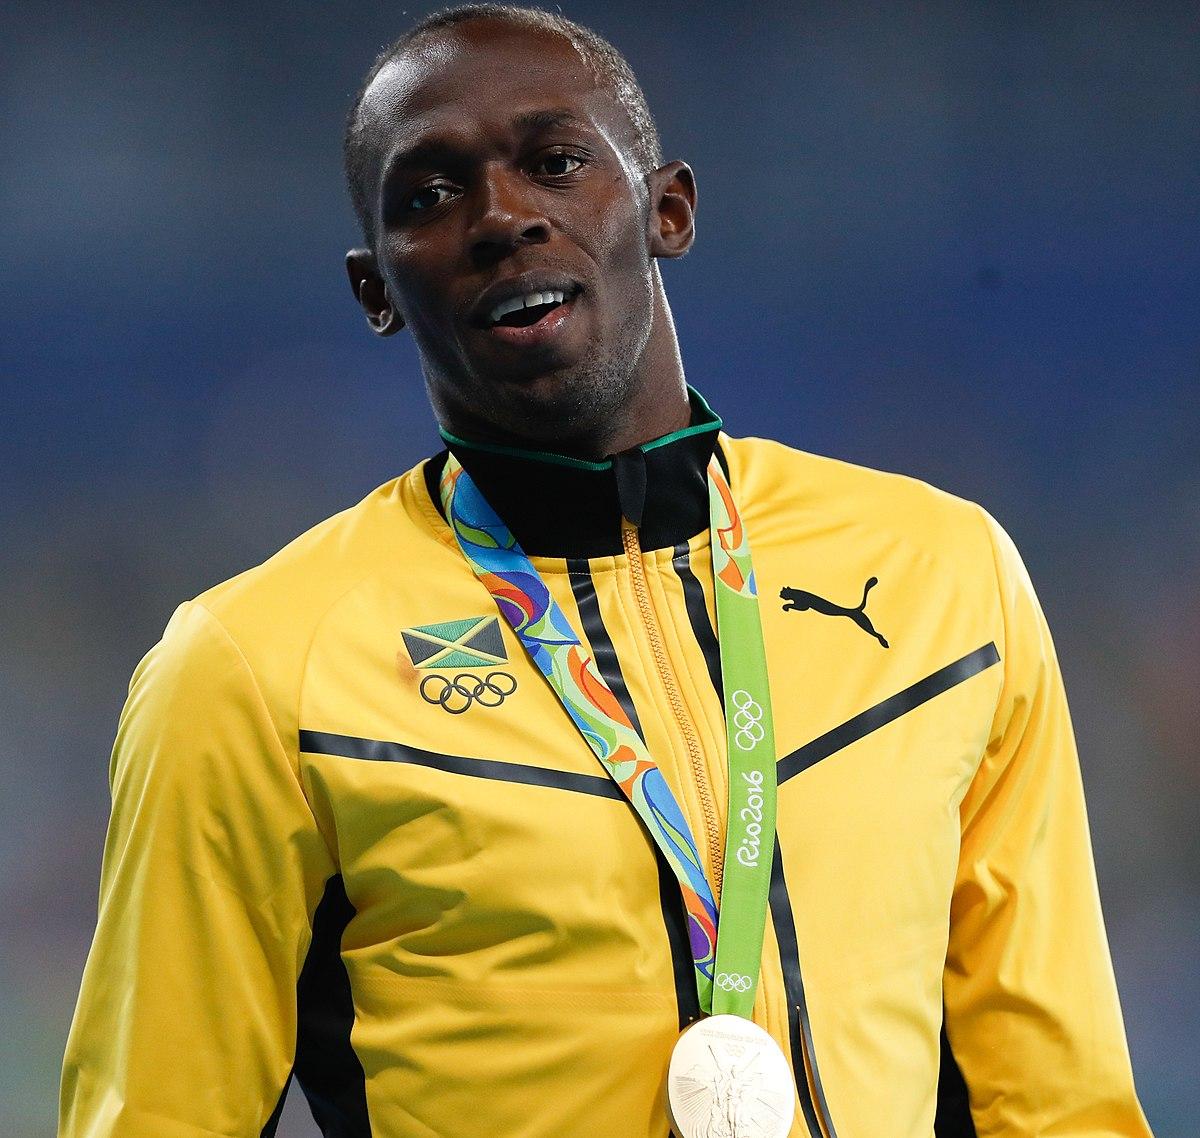 Usain Bolt: Birthday